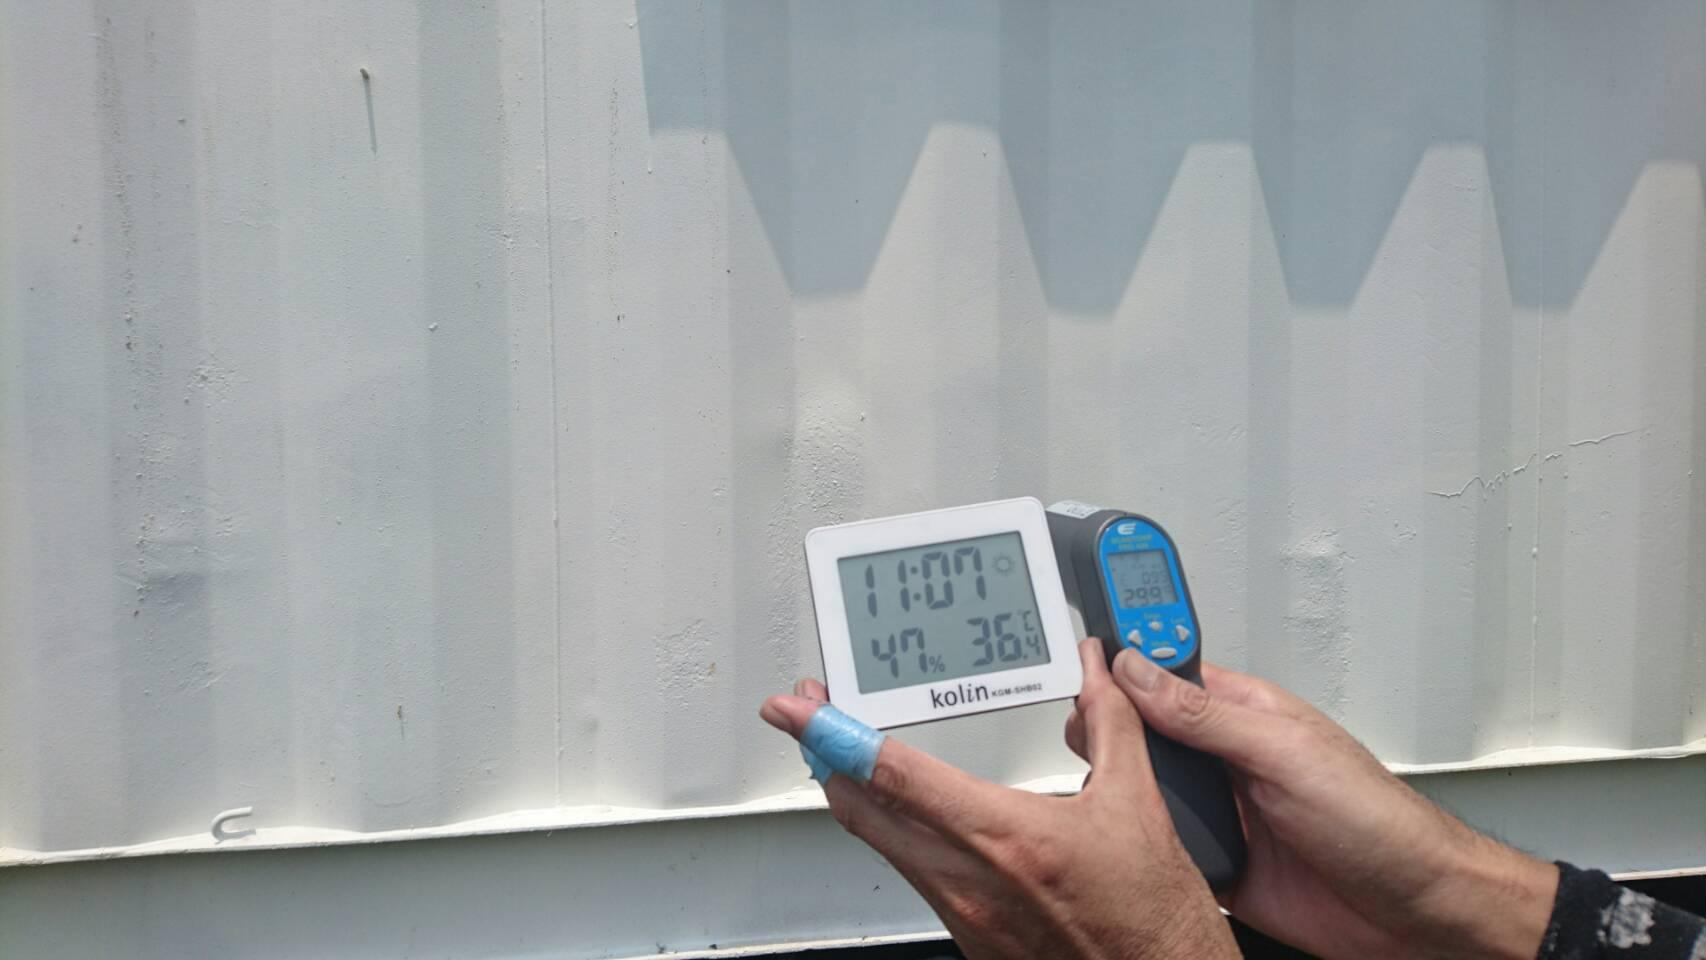 台灣林邊貨櫃屋使用CGF7600A水性抗污隔熱防水漆後溫度比較,有效隔熱保溫